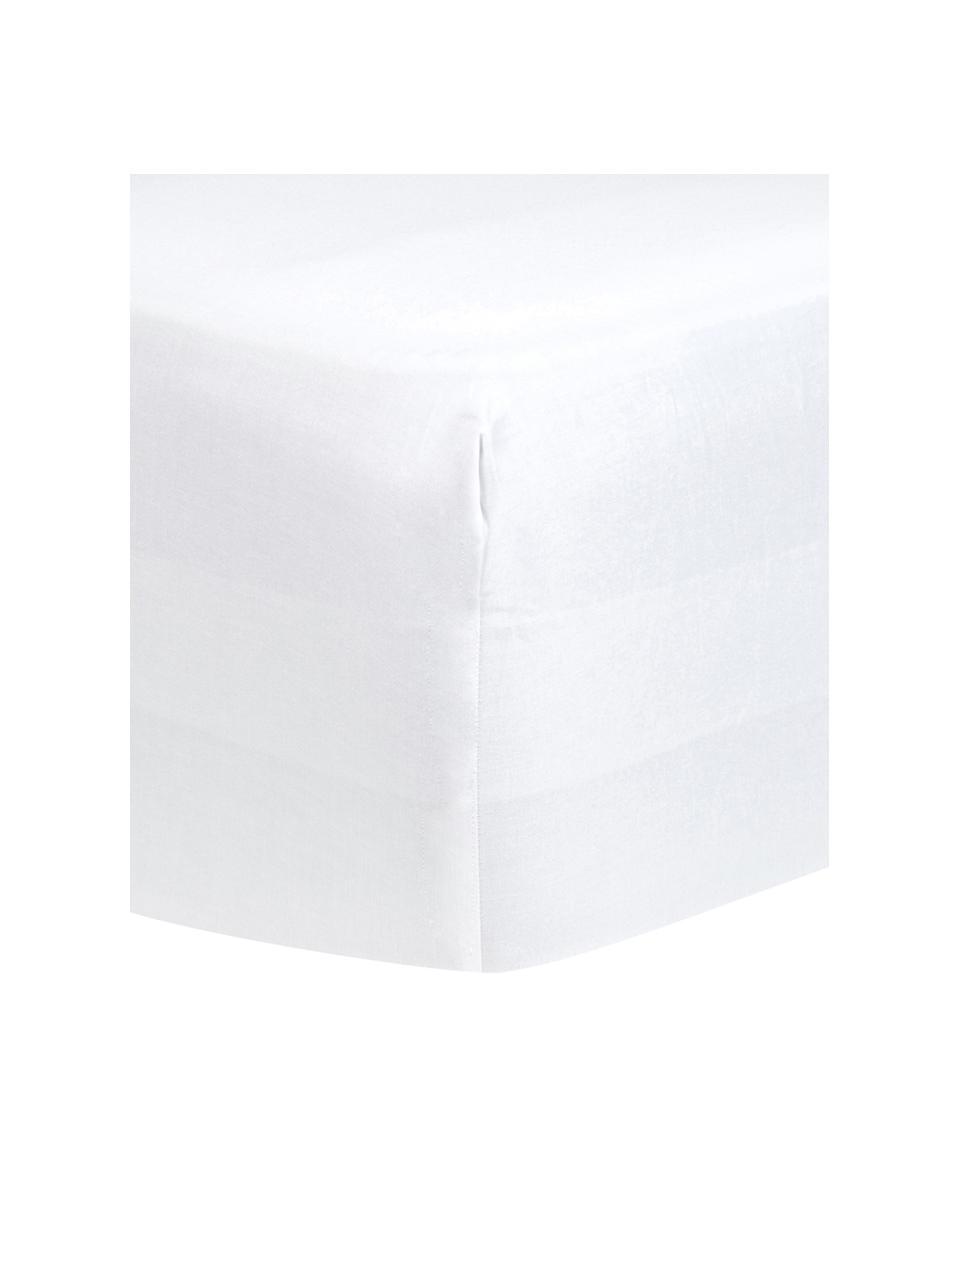 Boxspring hoeslaken Comfort in wit, katoensatijn, Weeftechniek: satijn, licht glanzend, Wit, 200 x 200 cm